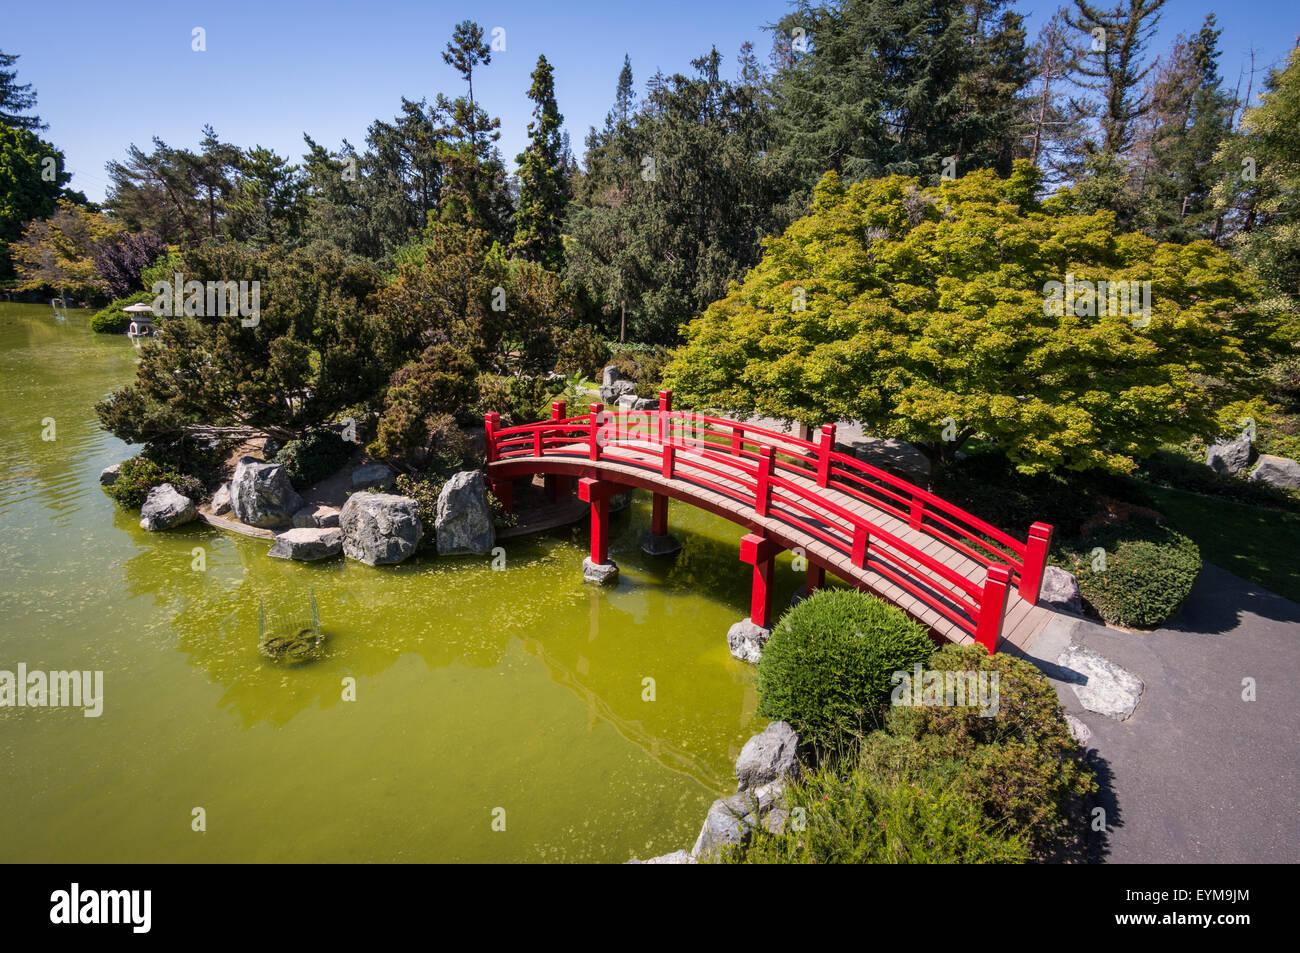 japanese friendship garden, kelley park, san jose, kalifornien